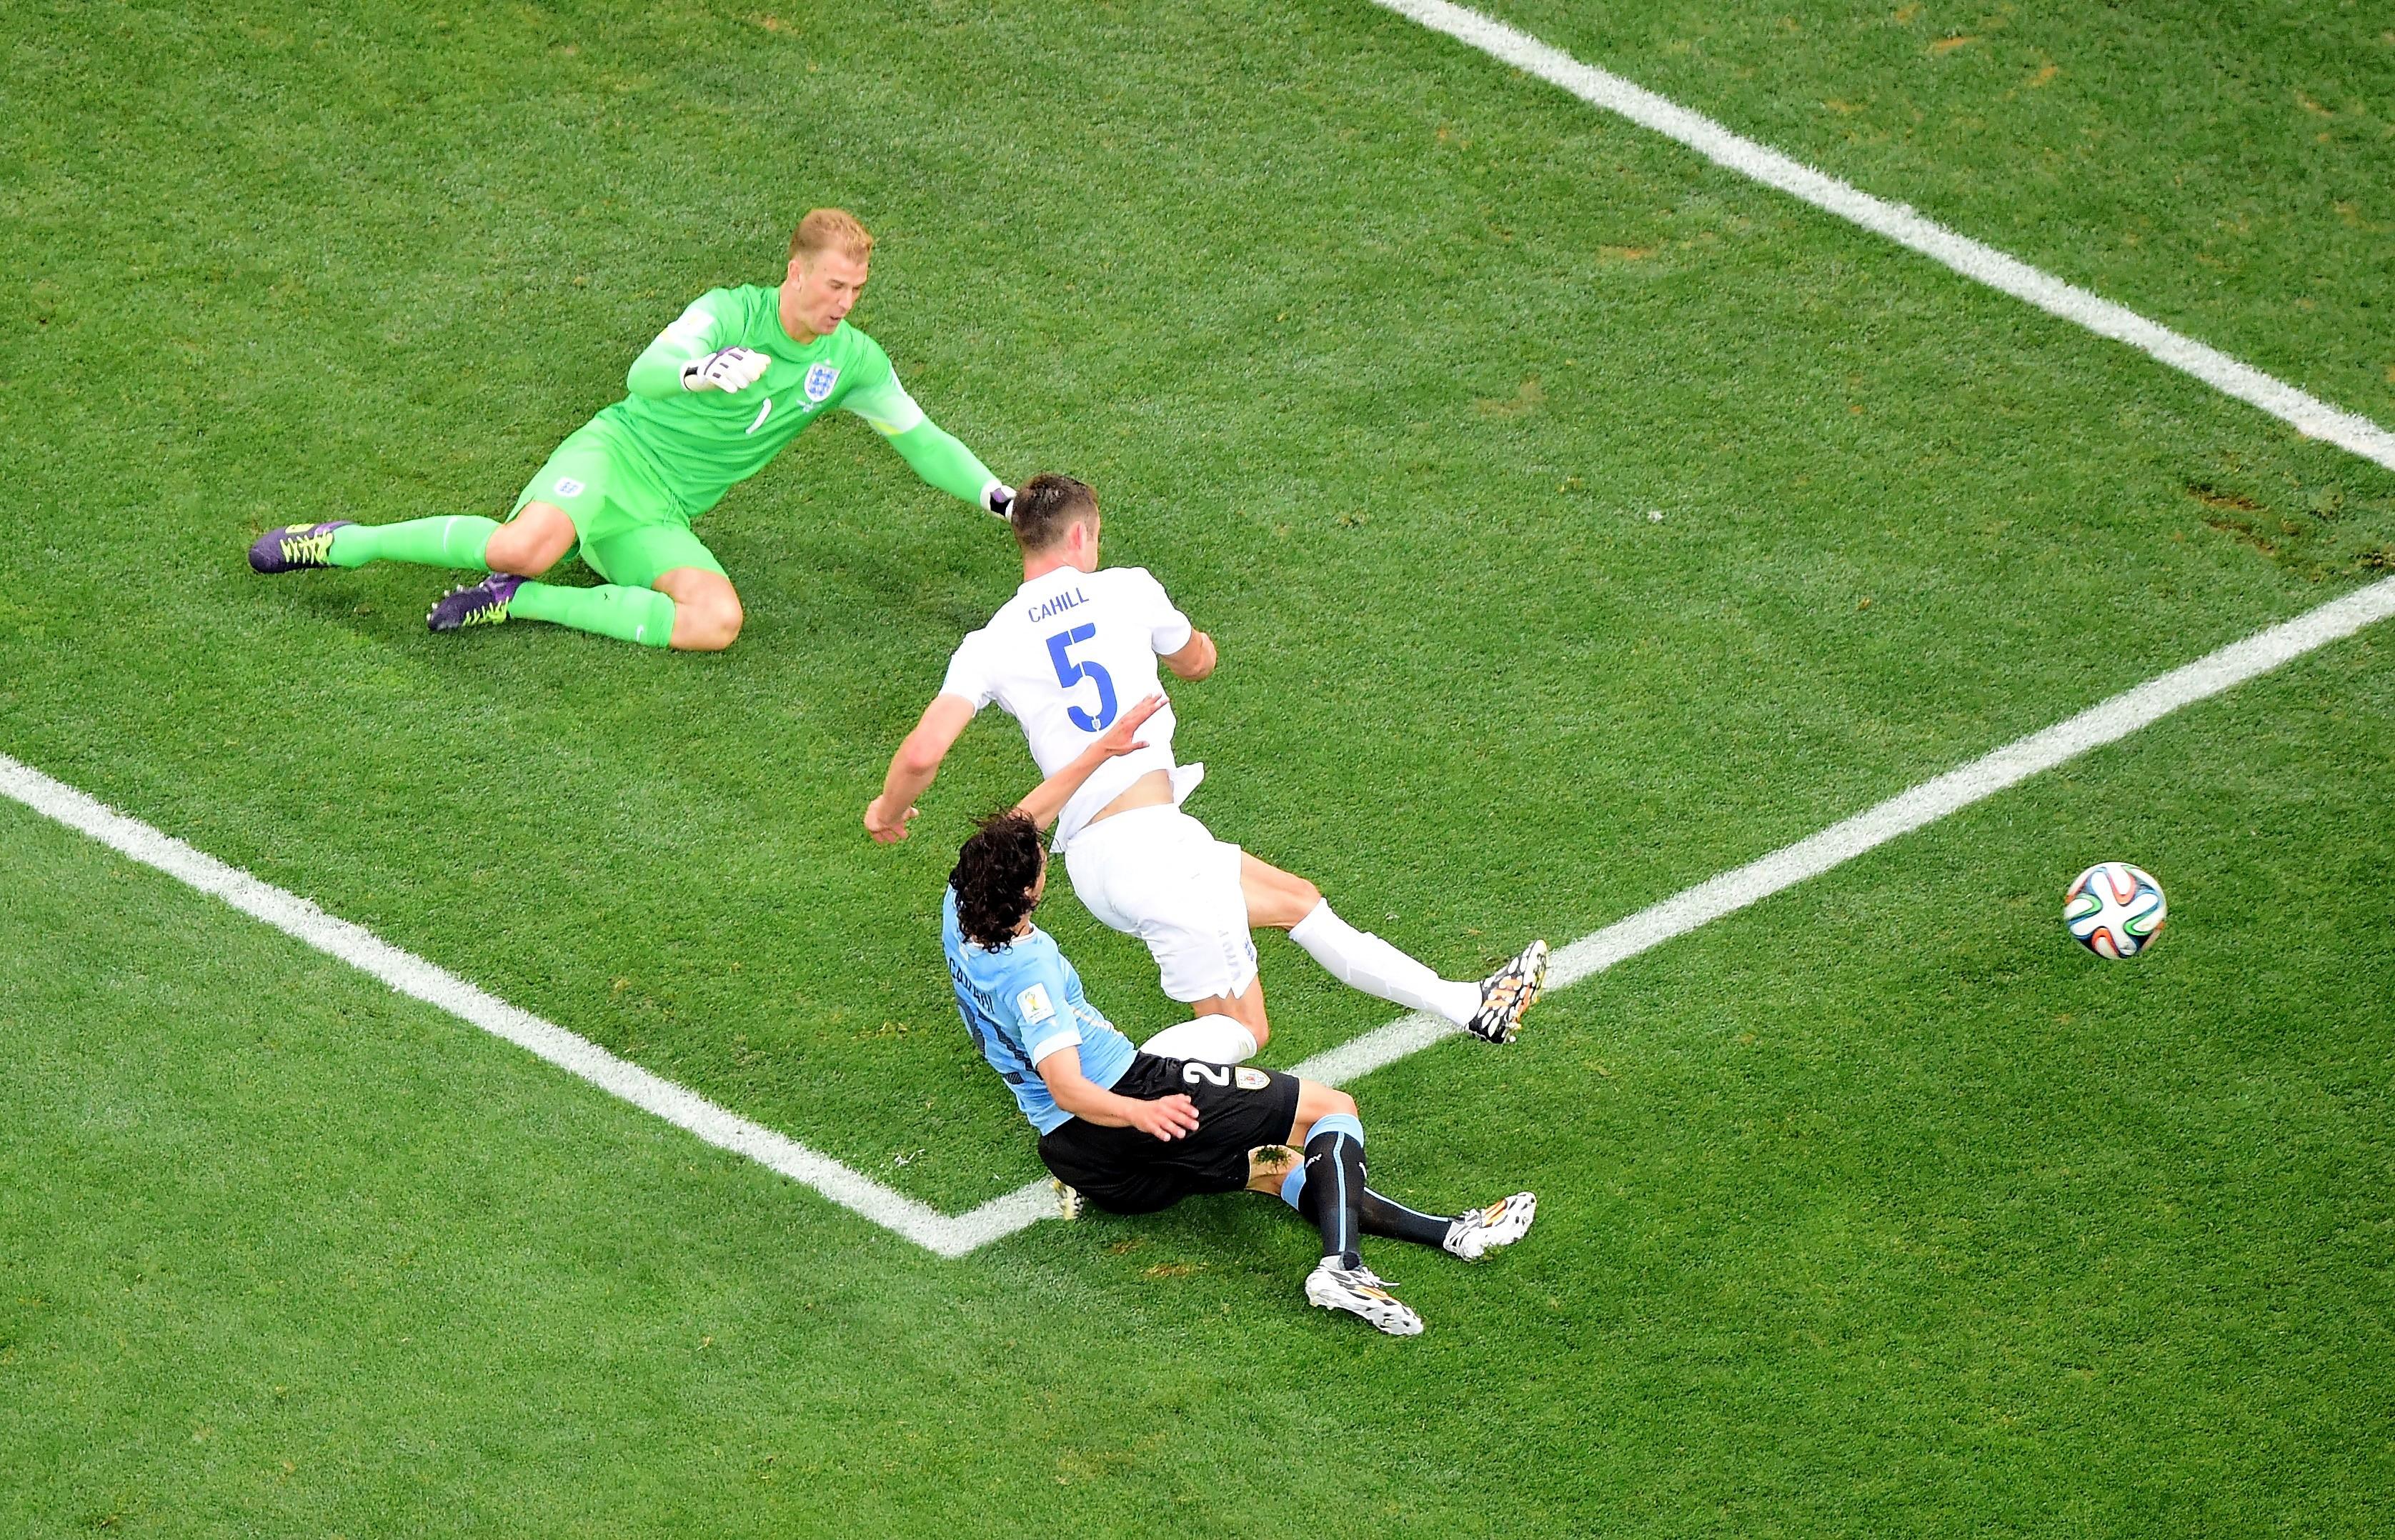 Уругвай - Англия 2:1. Большое возвращение Суареса - изображение 5